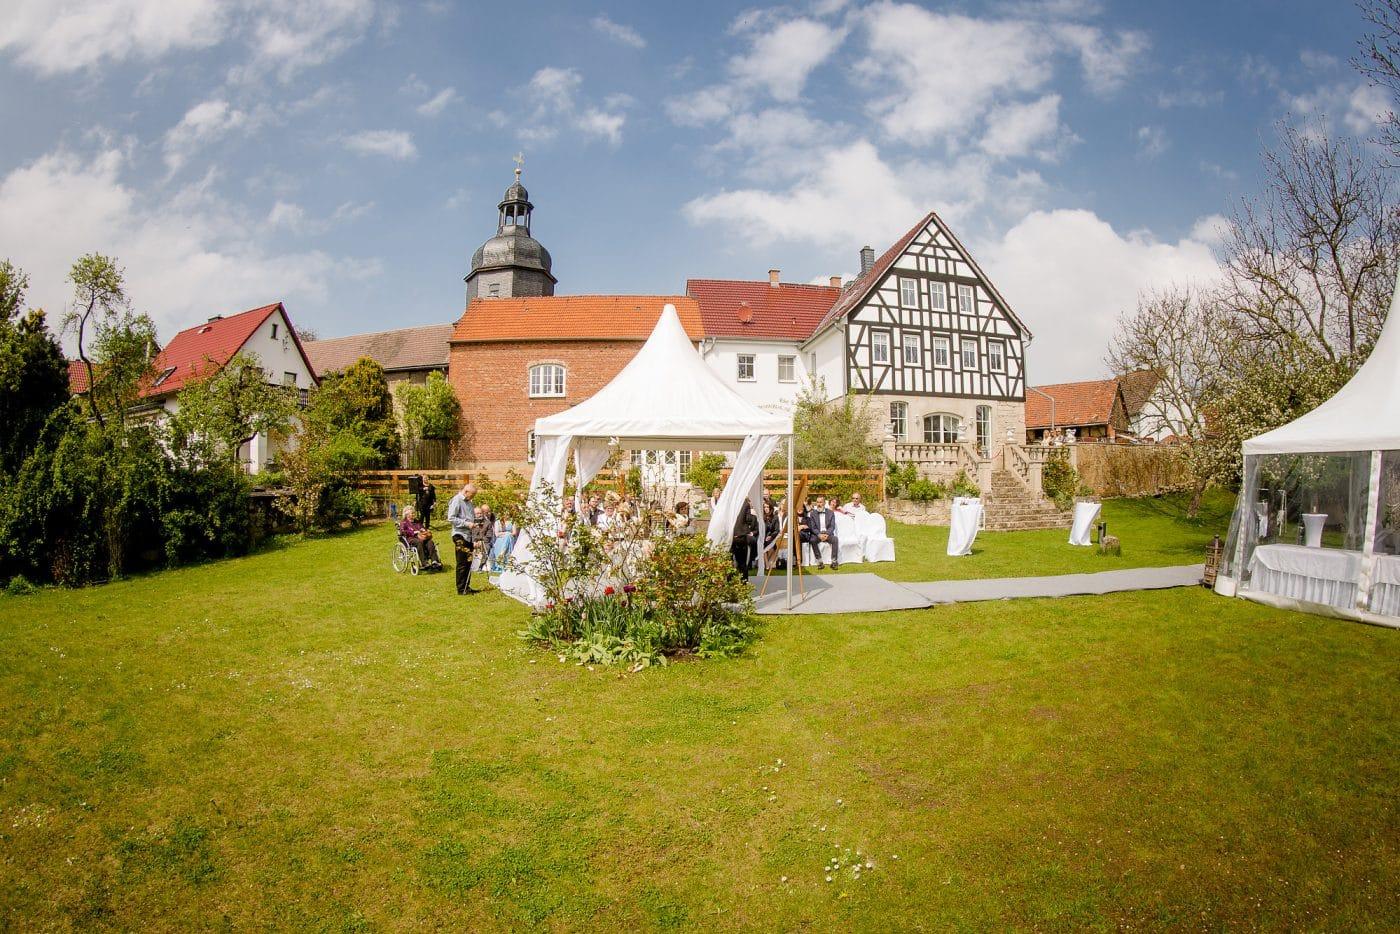 Hochzeitszelt im Garten der Residenz Jena